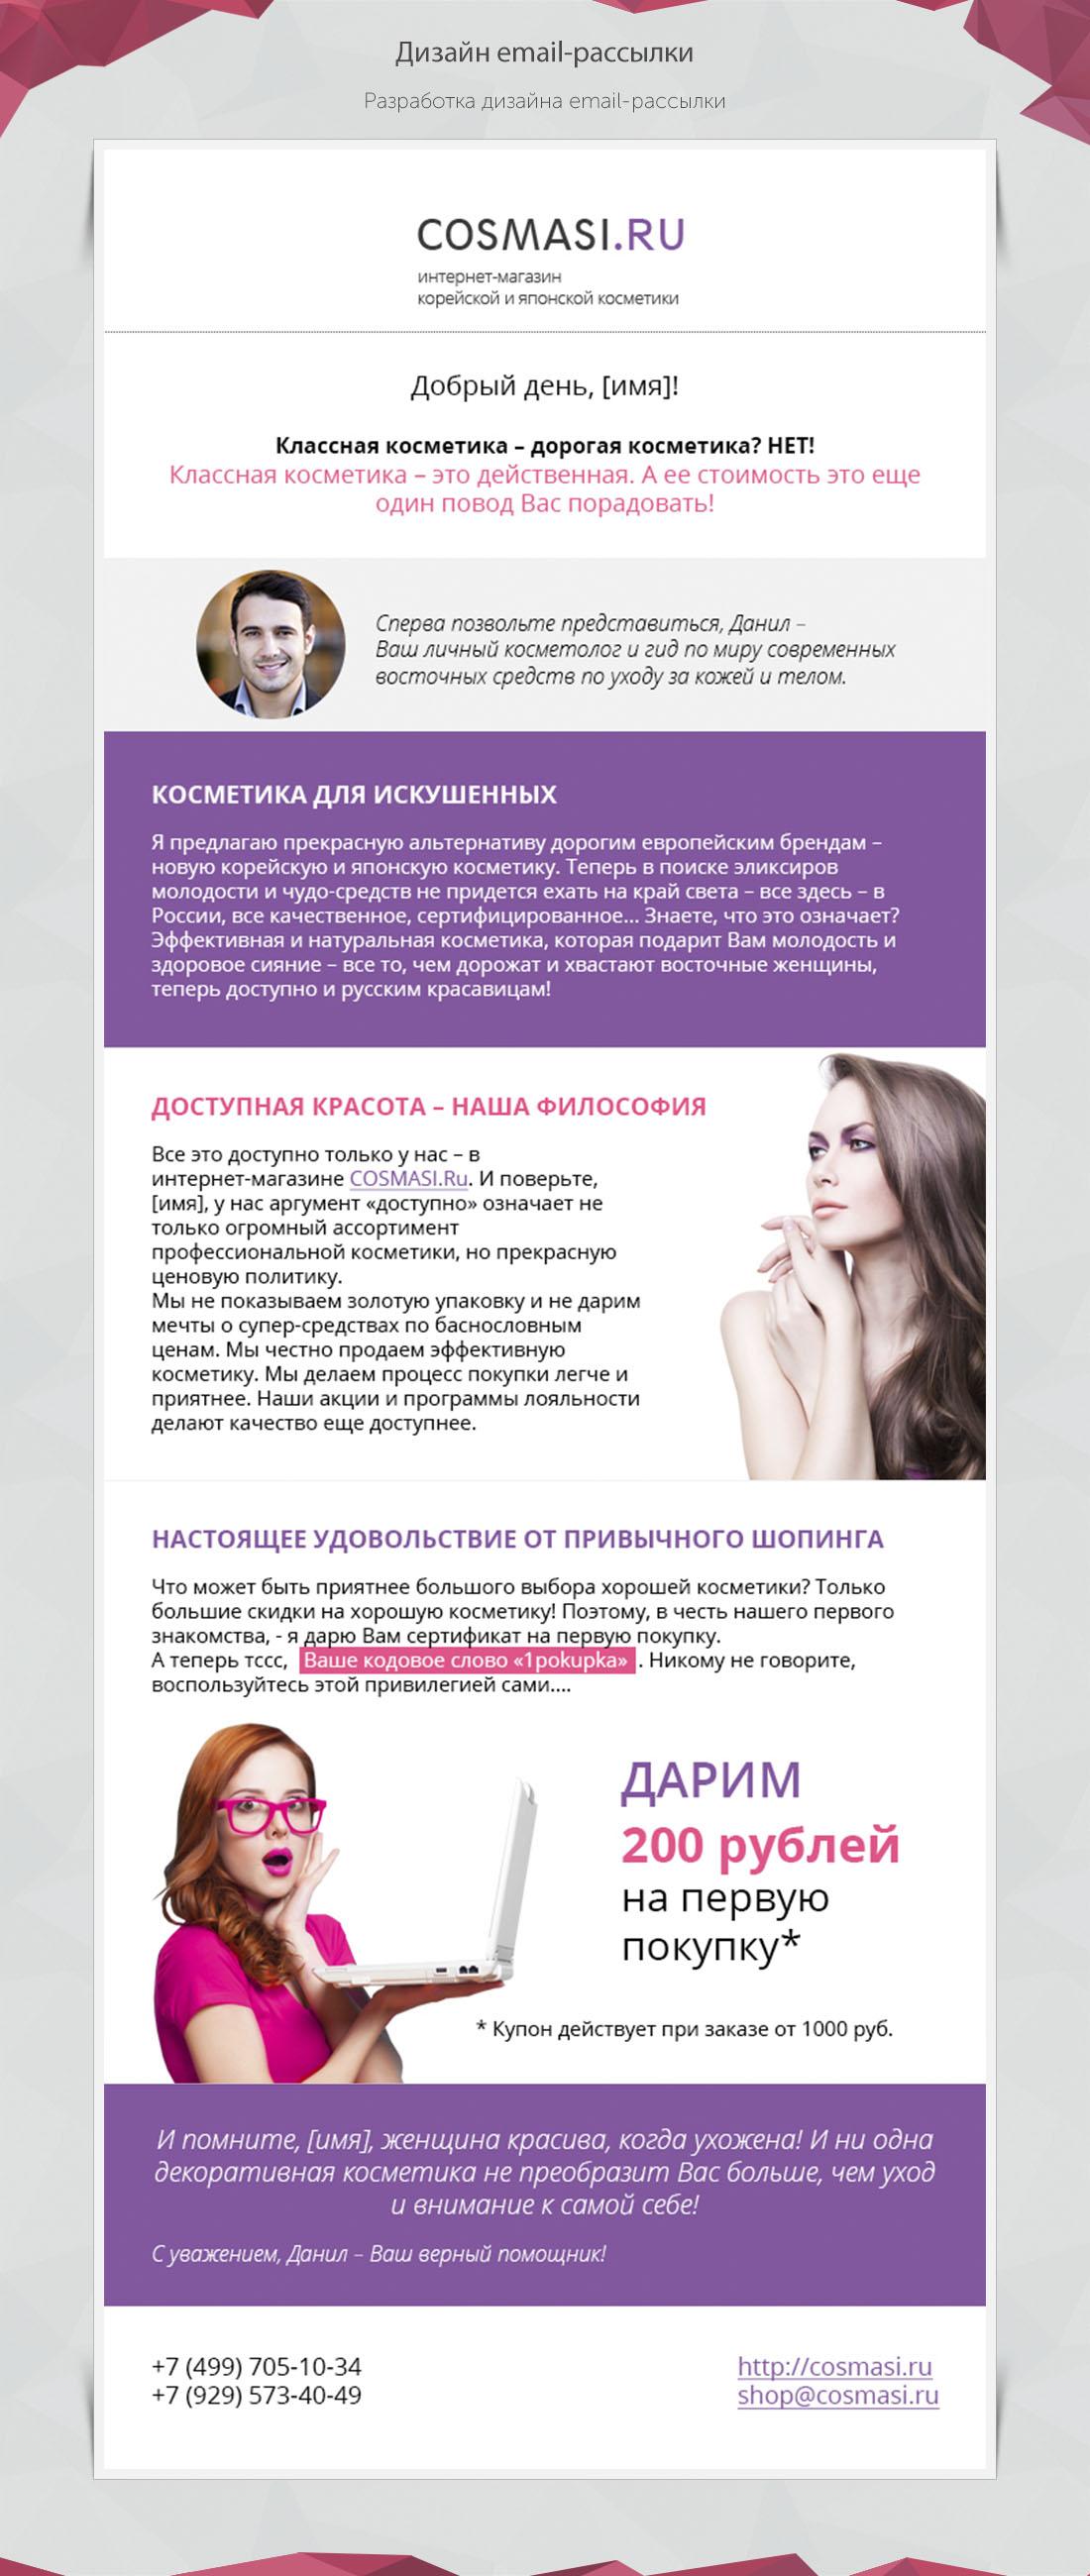 Дизайн email-рассылки Cosmasi